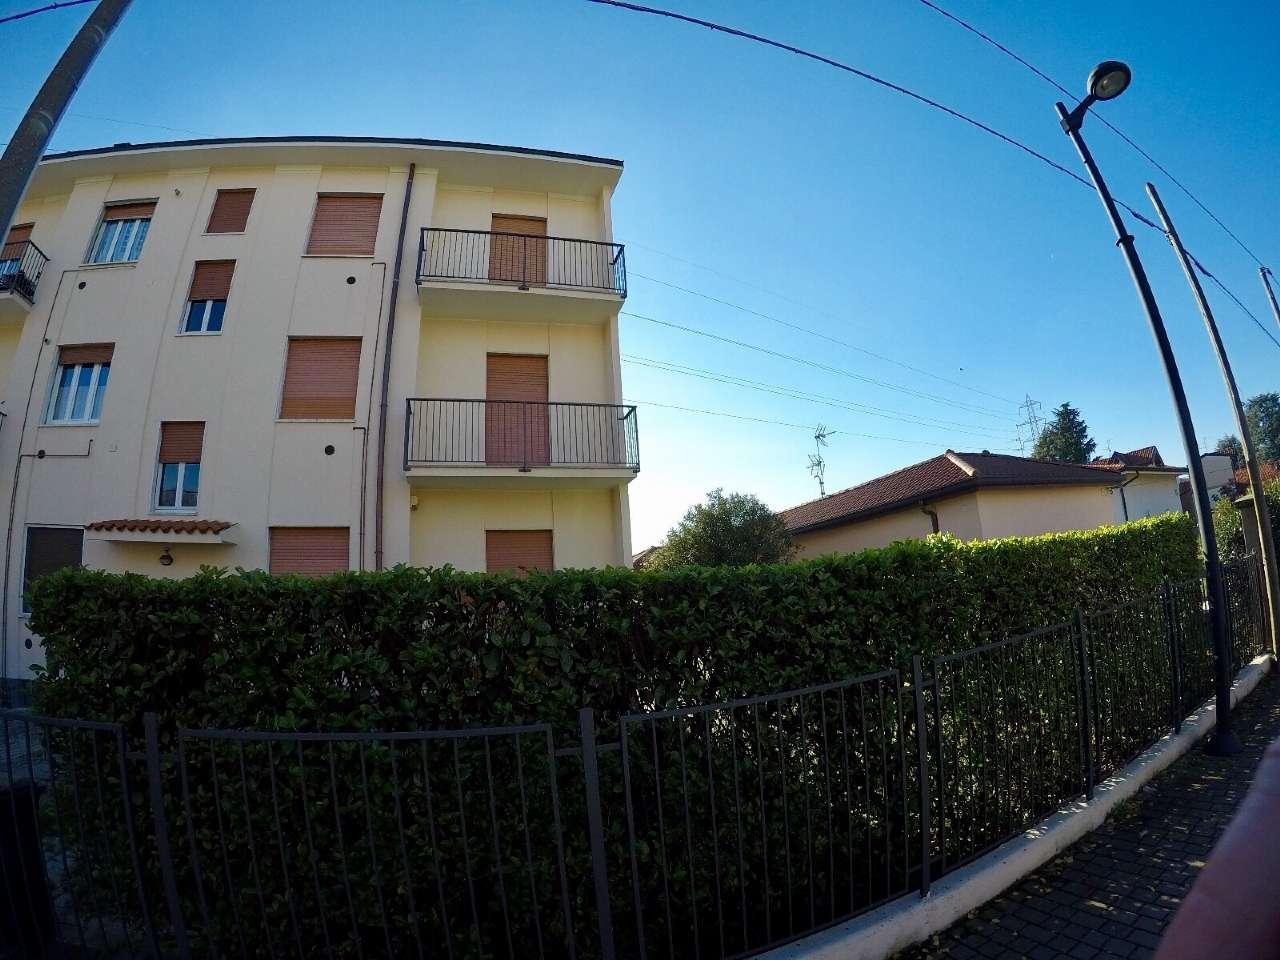 Appartamento in affitto a Trezzo sull'Adda, 3 locali, prezzo € 450 | CambioCasa.it